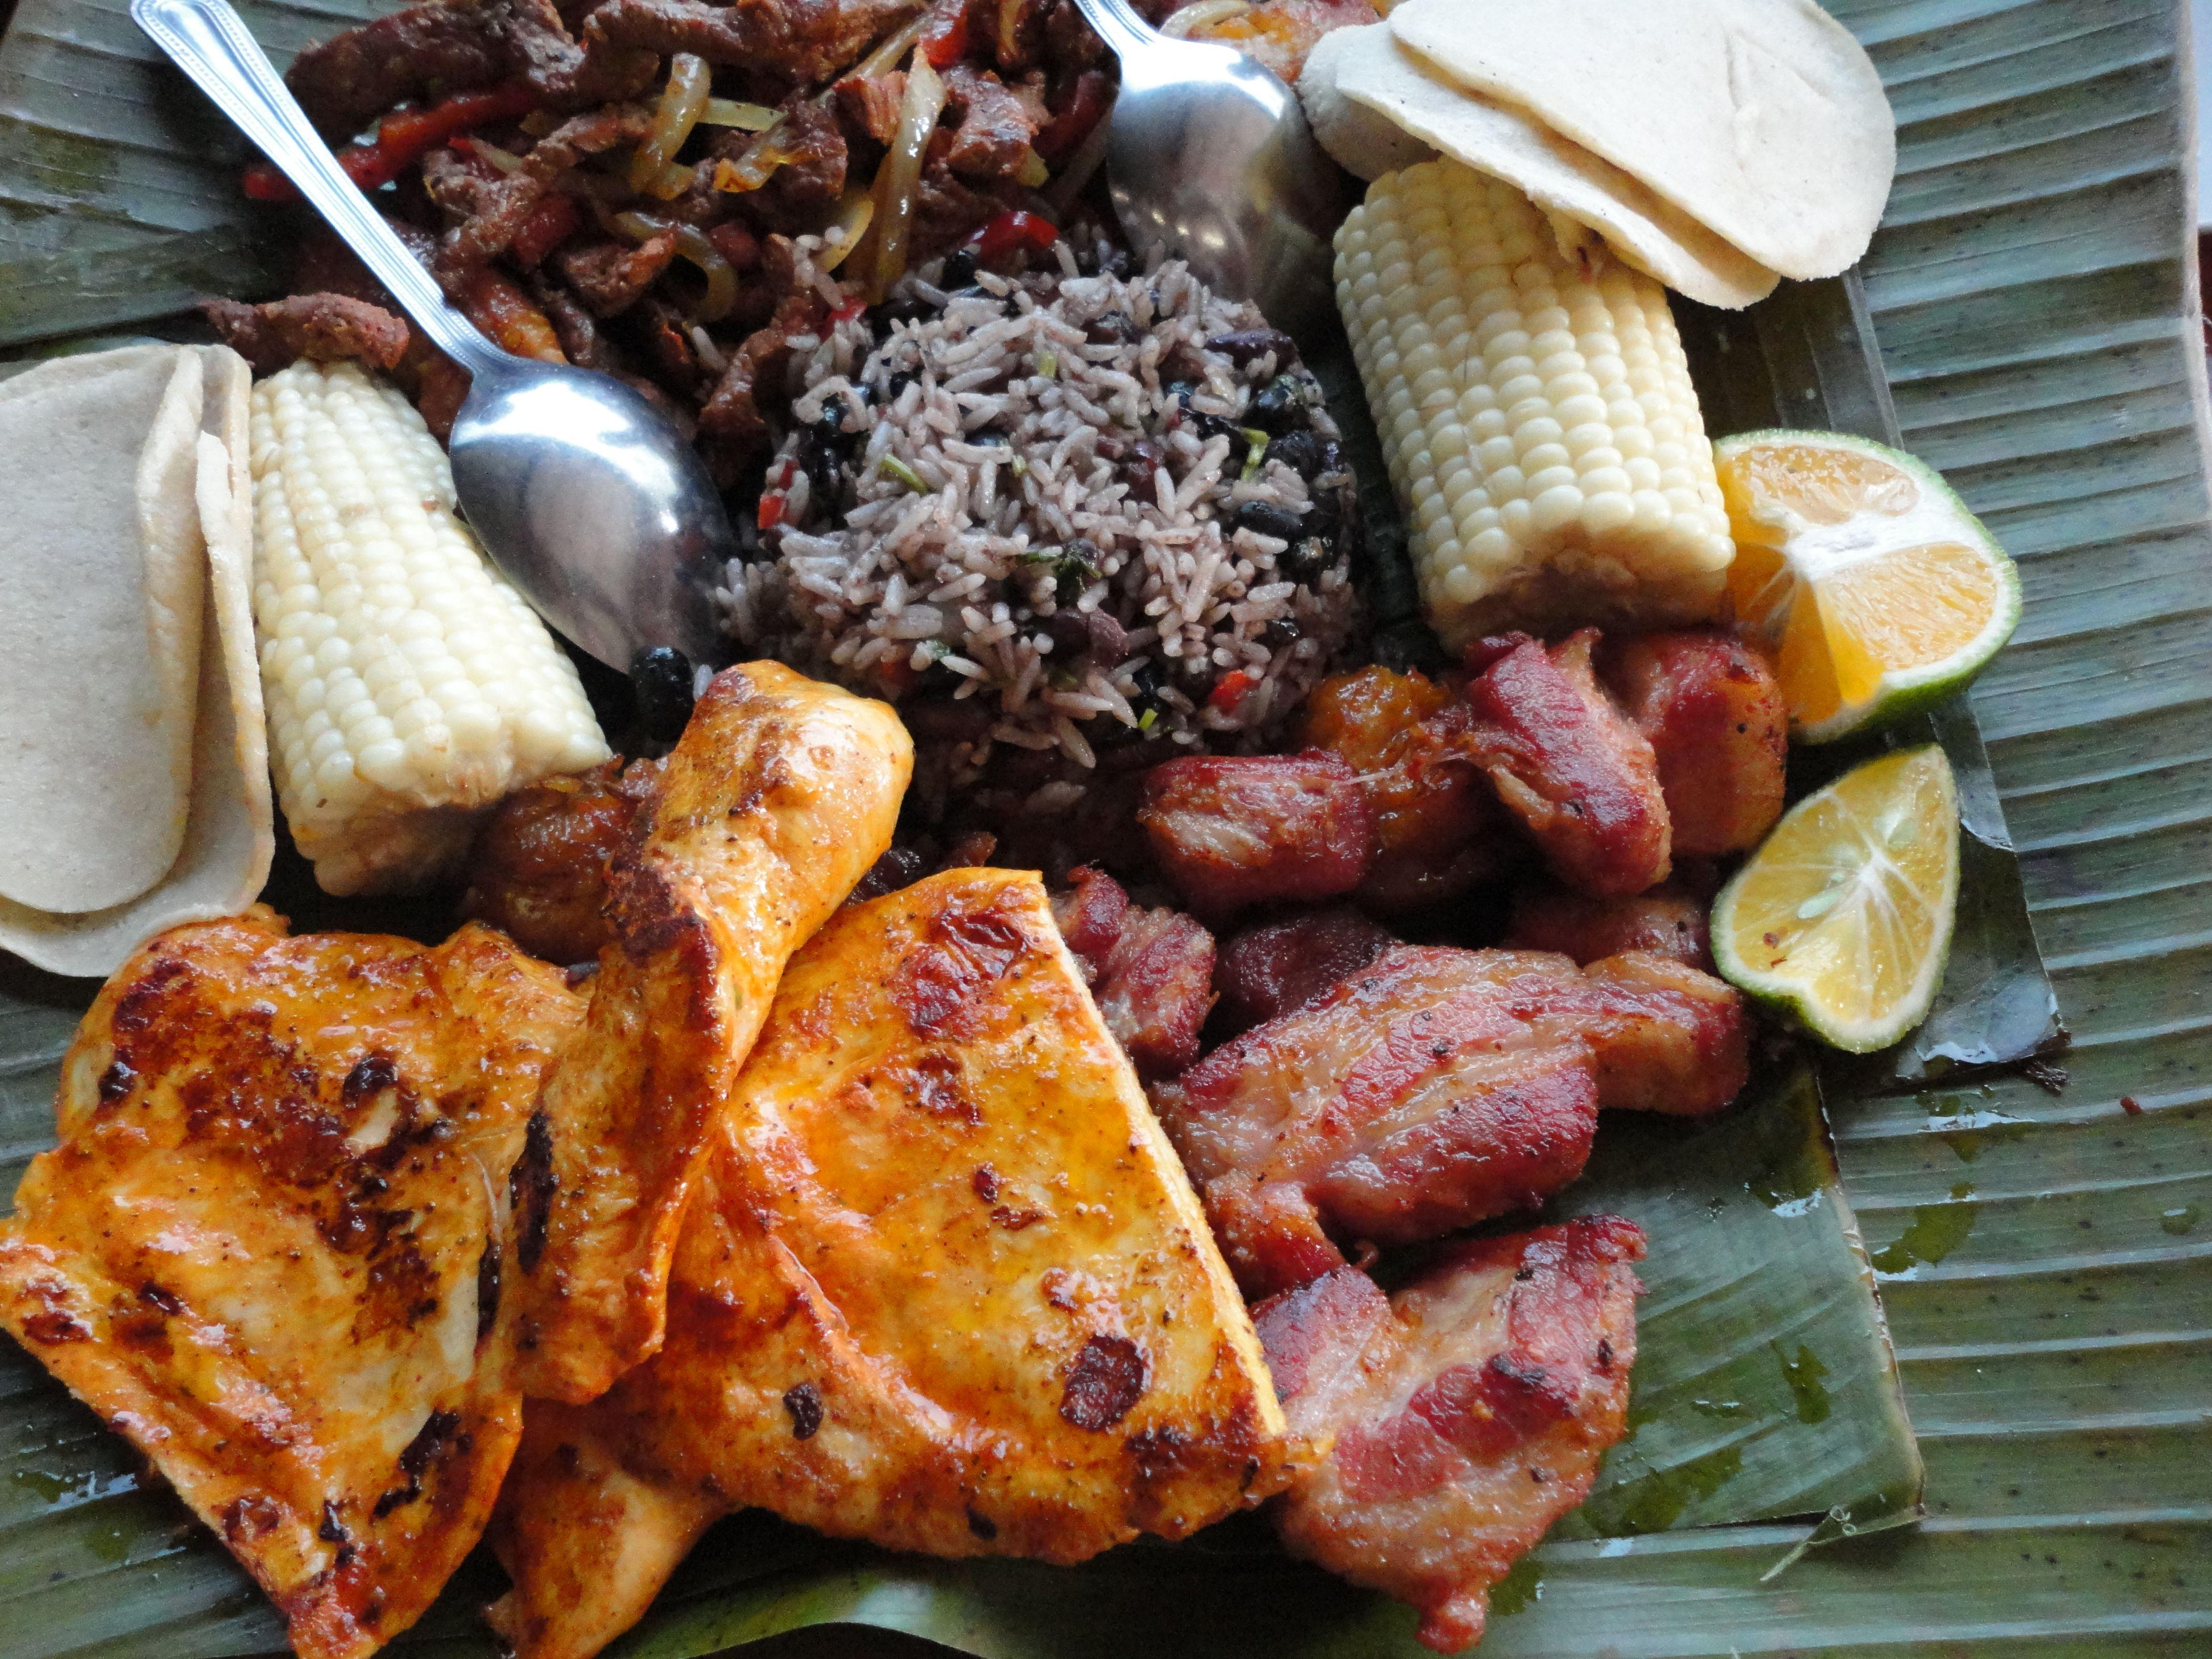 Comida Tipica Costa Rica 2012